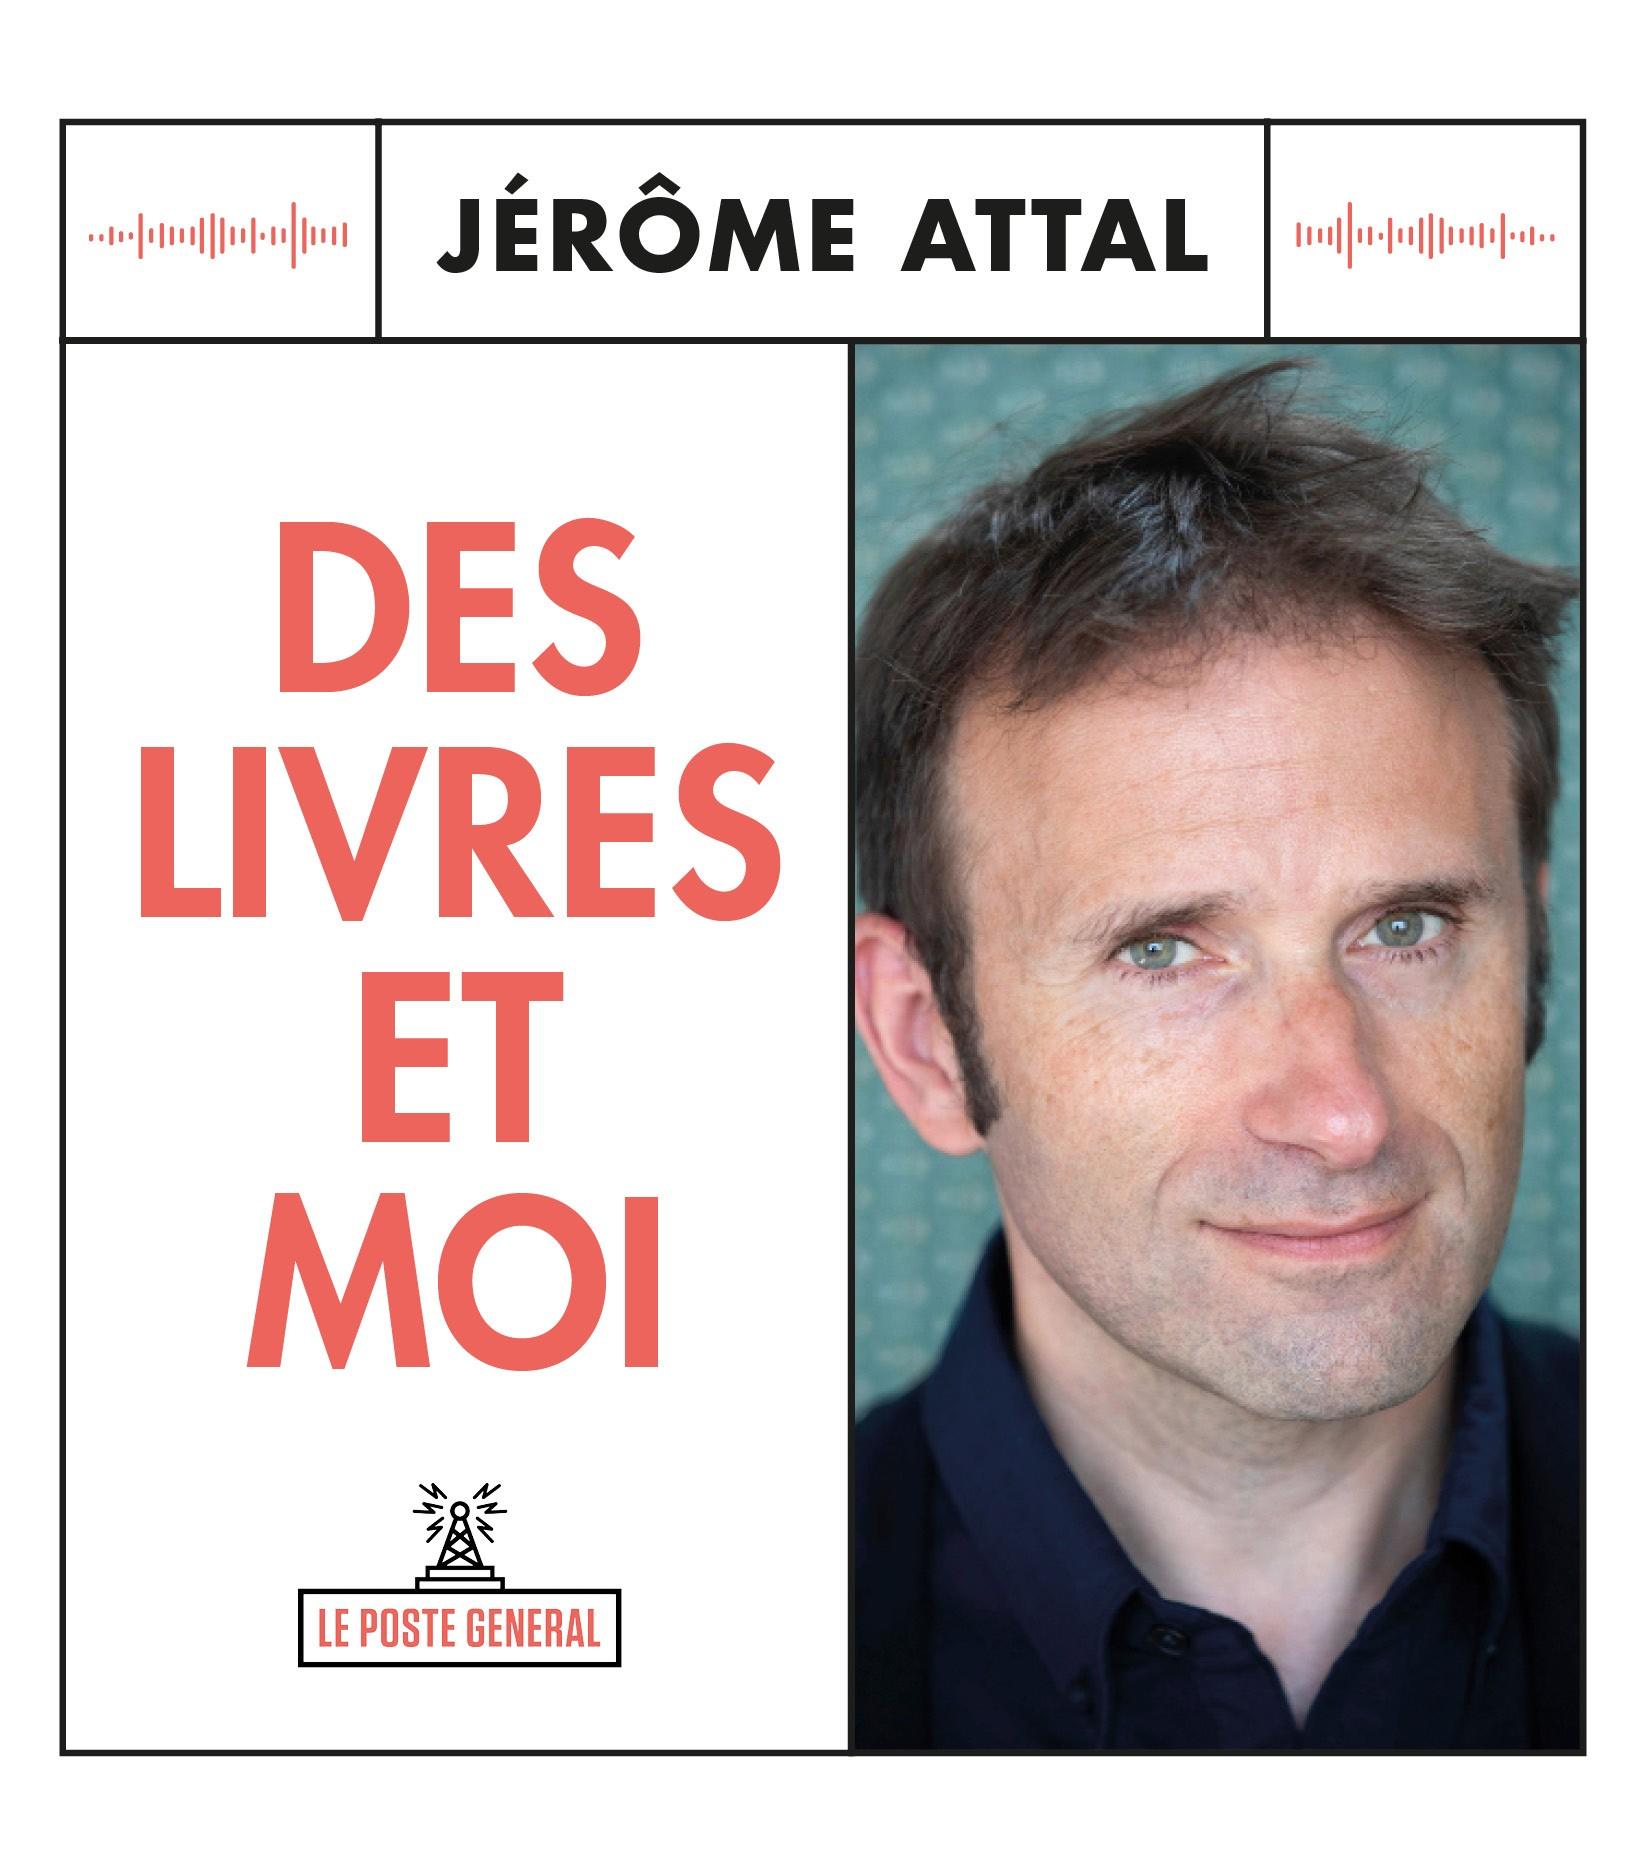 Jérôme Attal